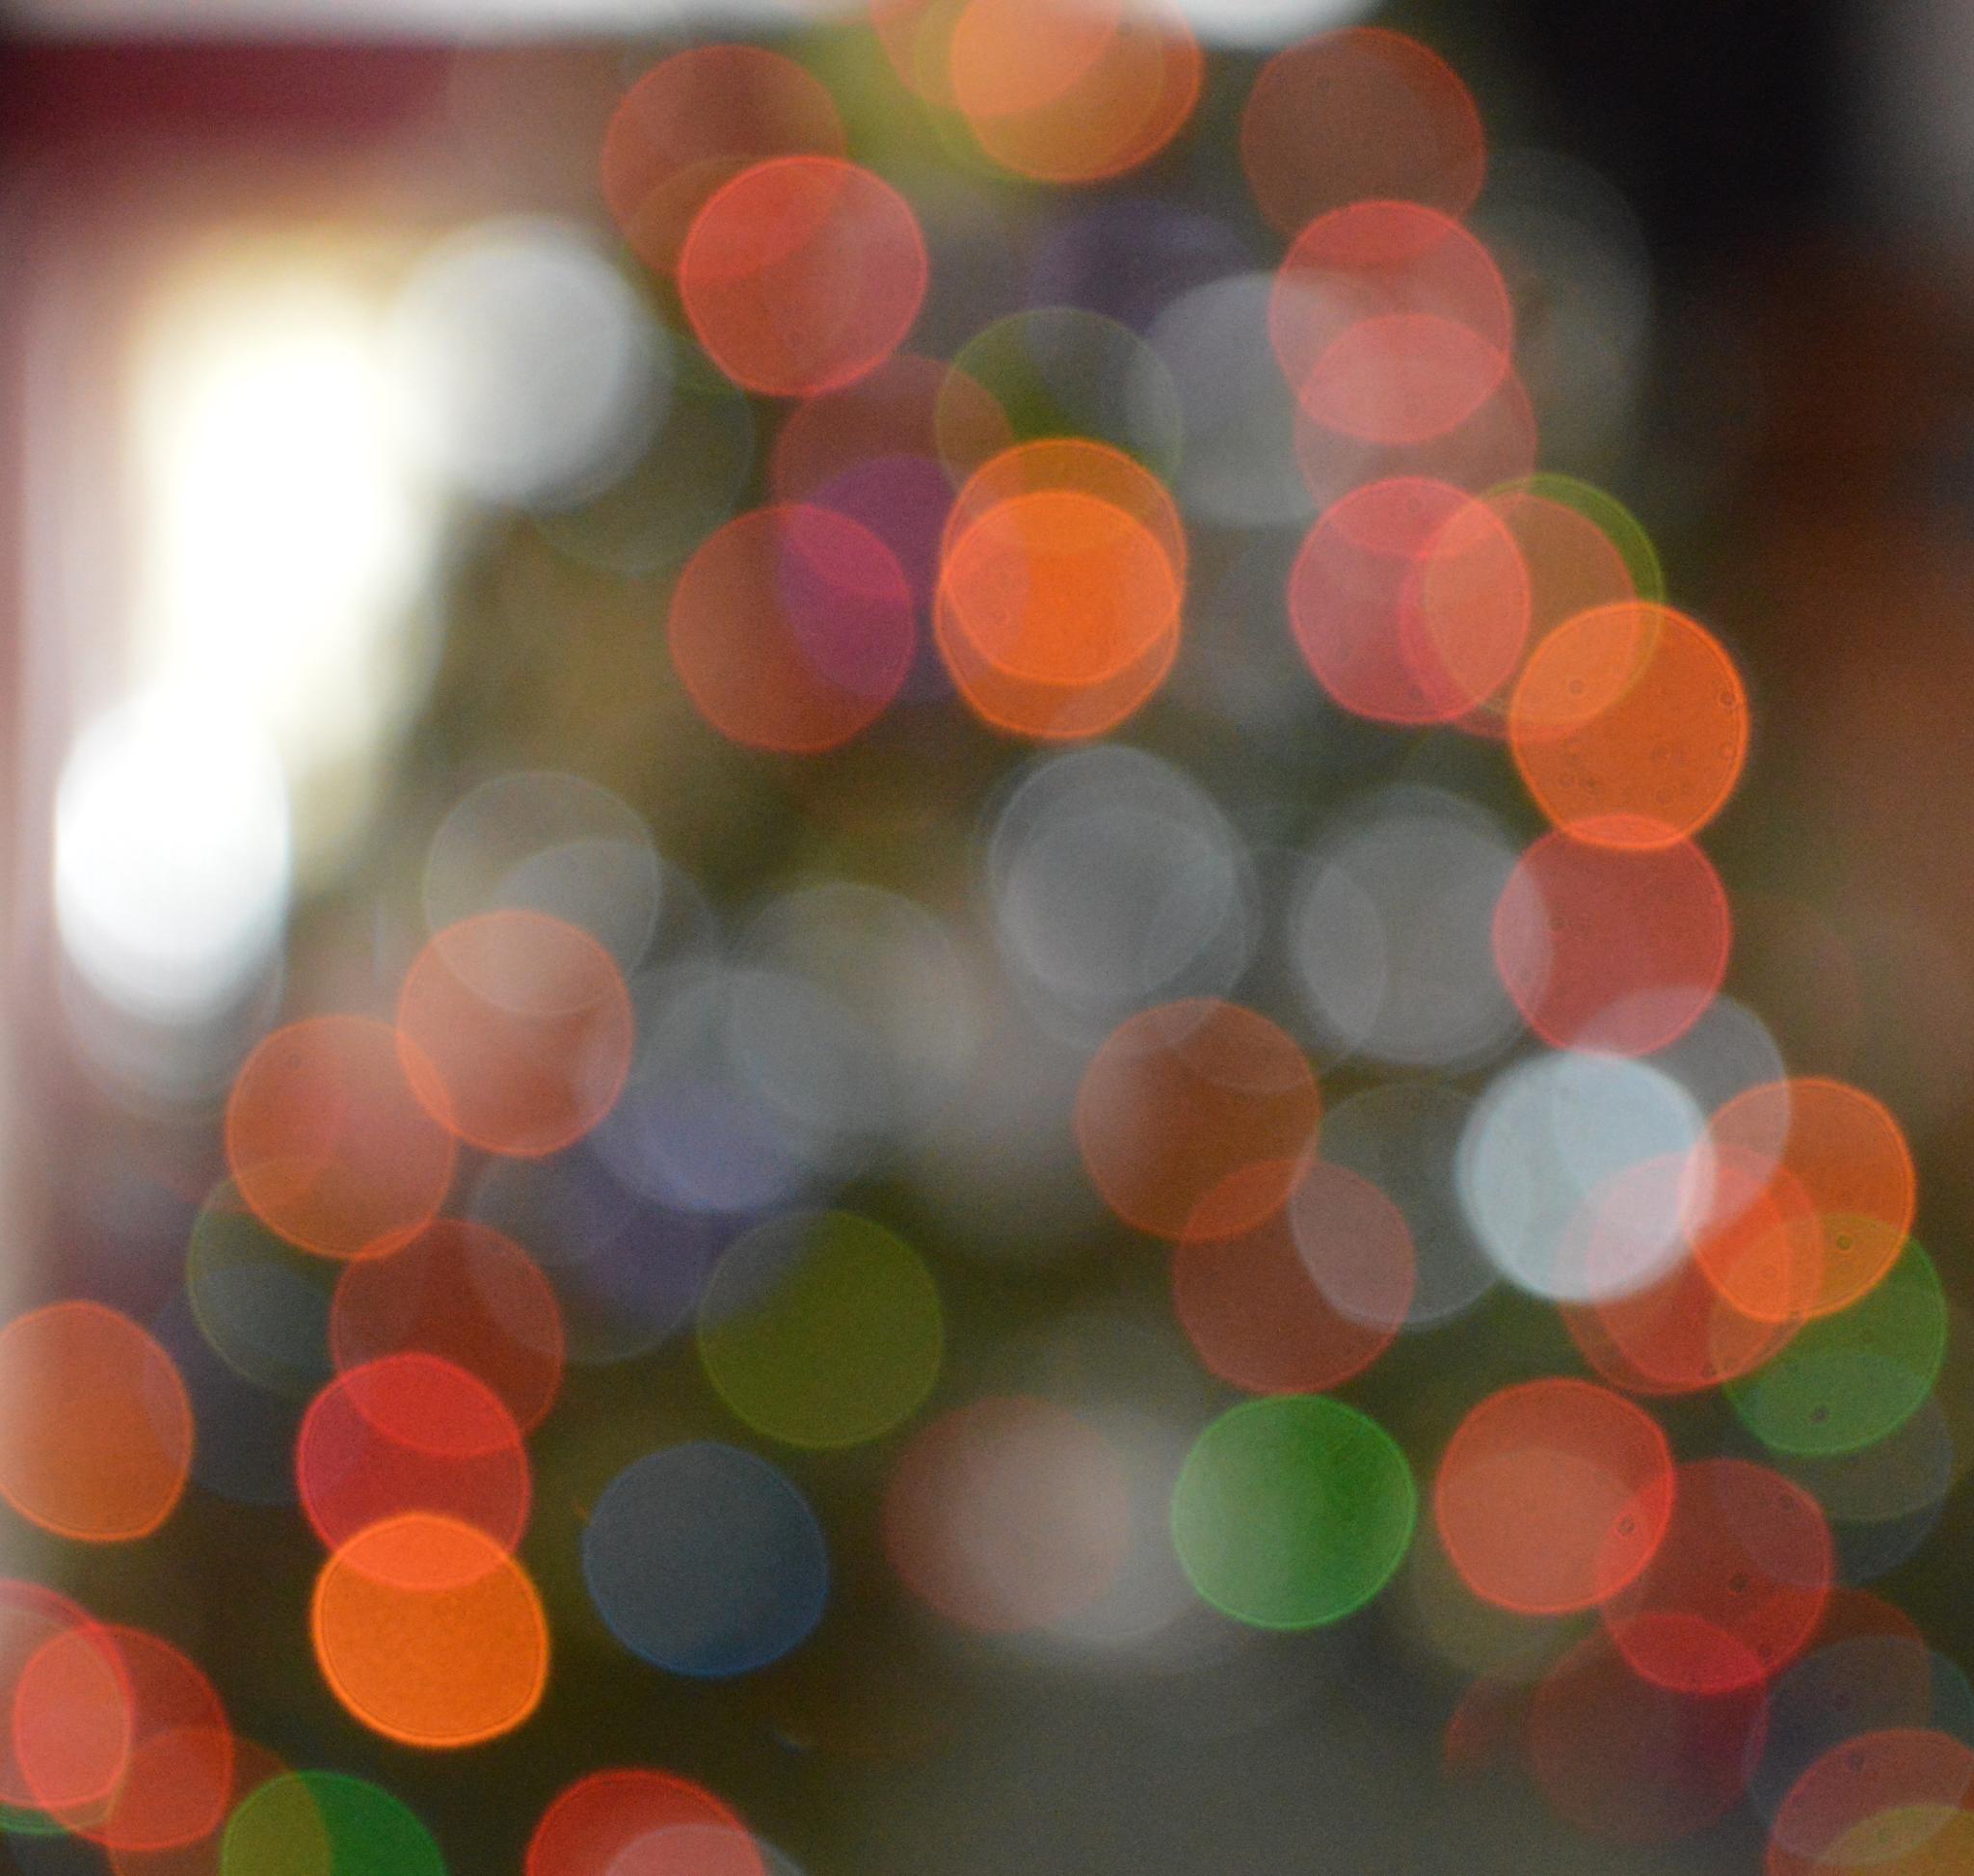 Lights by patti.sebilian